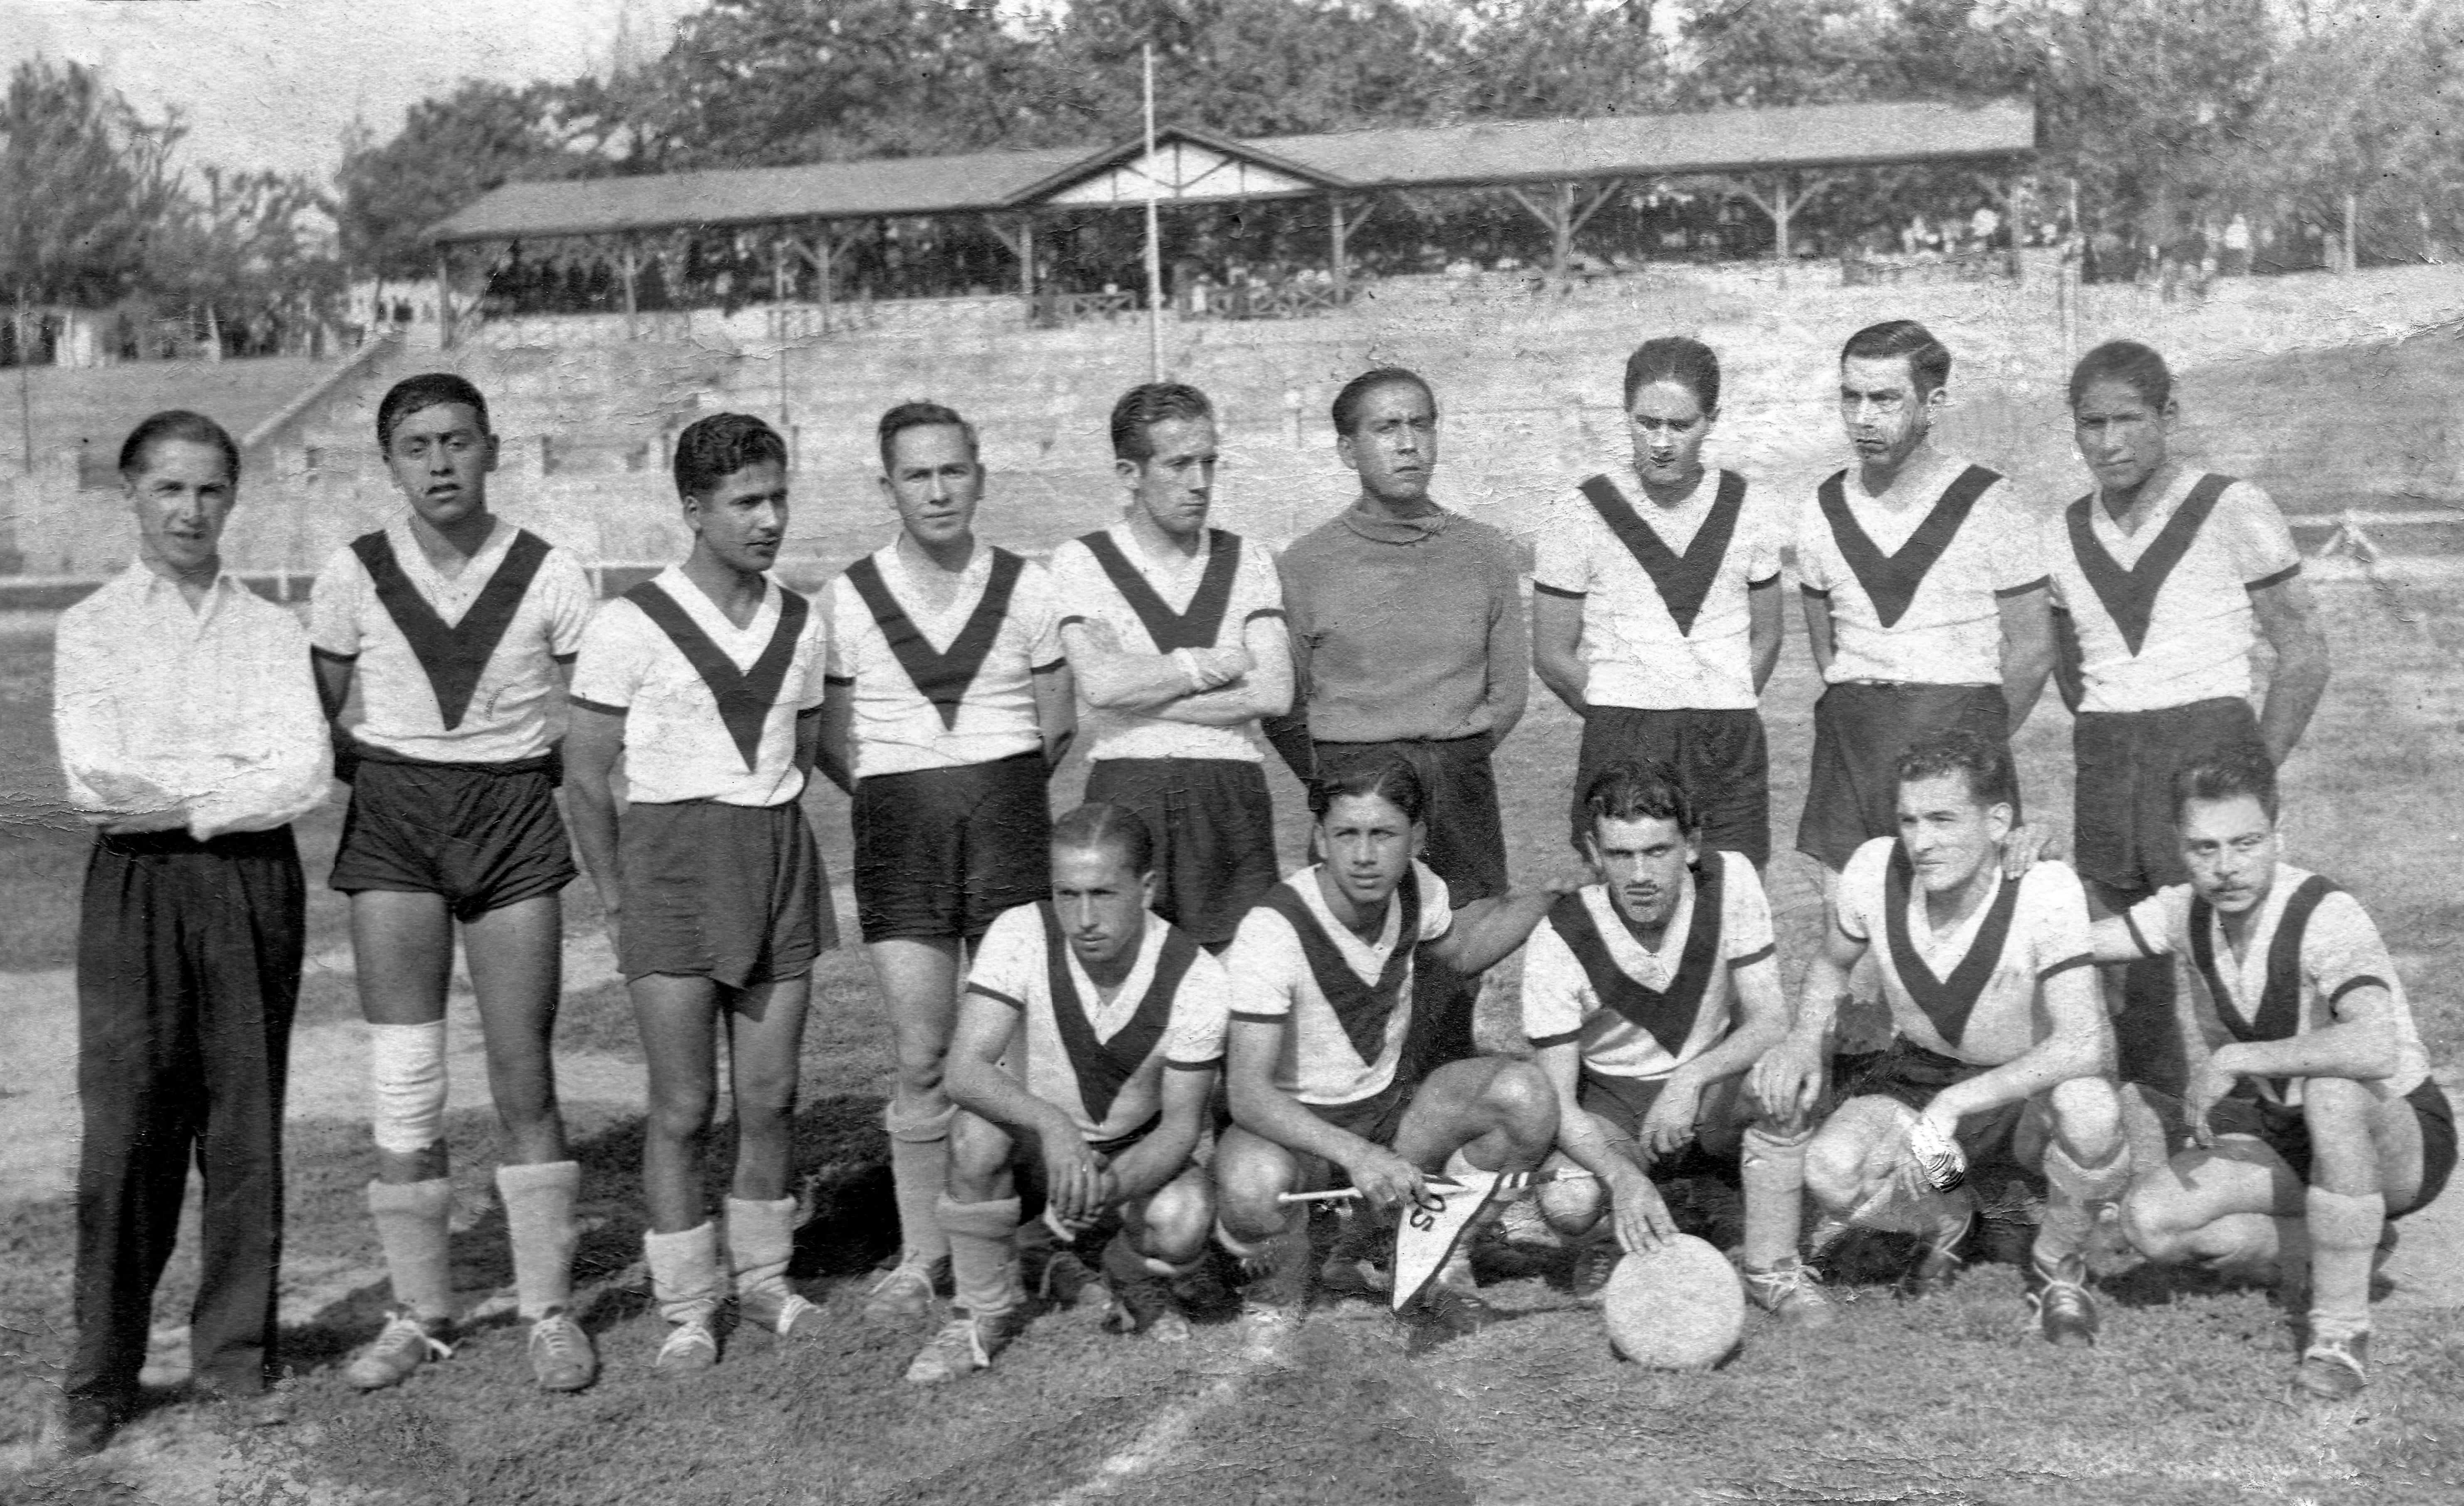 Enterreno - Fotos históricas de chile - fotos antiguas de Chile - Selección de fútbol fábrica Calaf en 1960